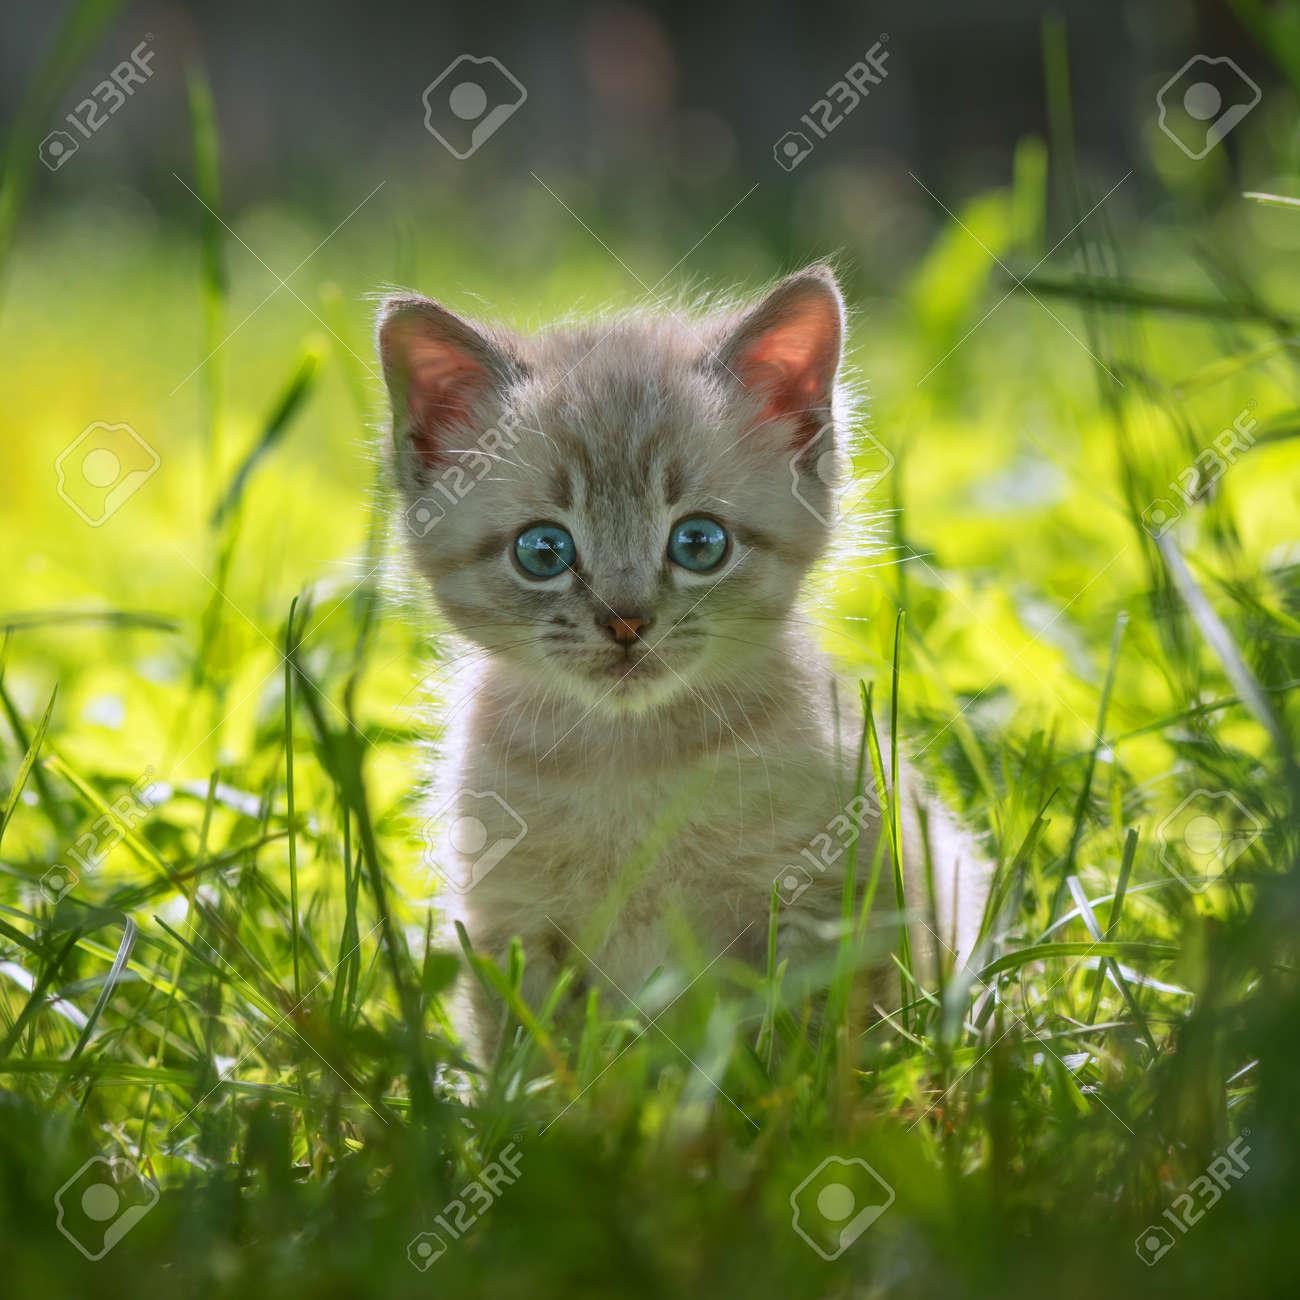 kitten on grass close up Standard-Bild - 46070332